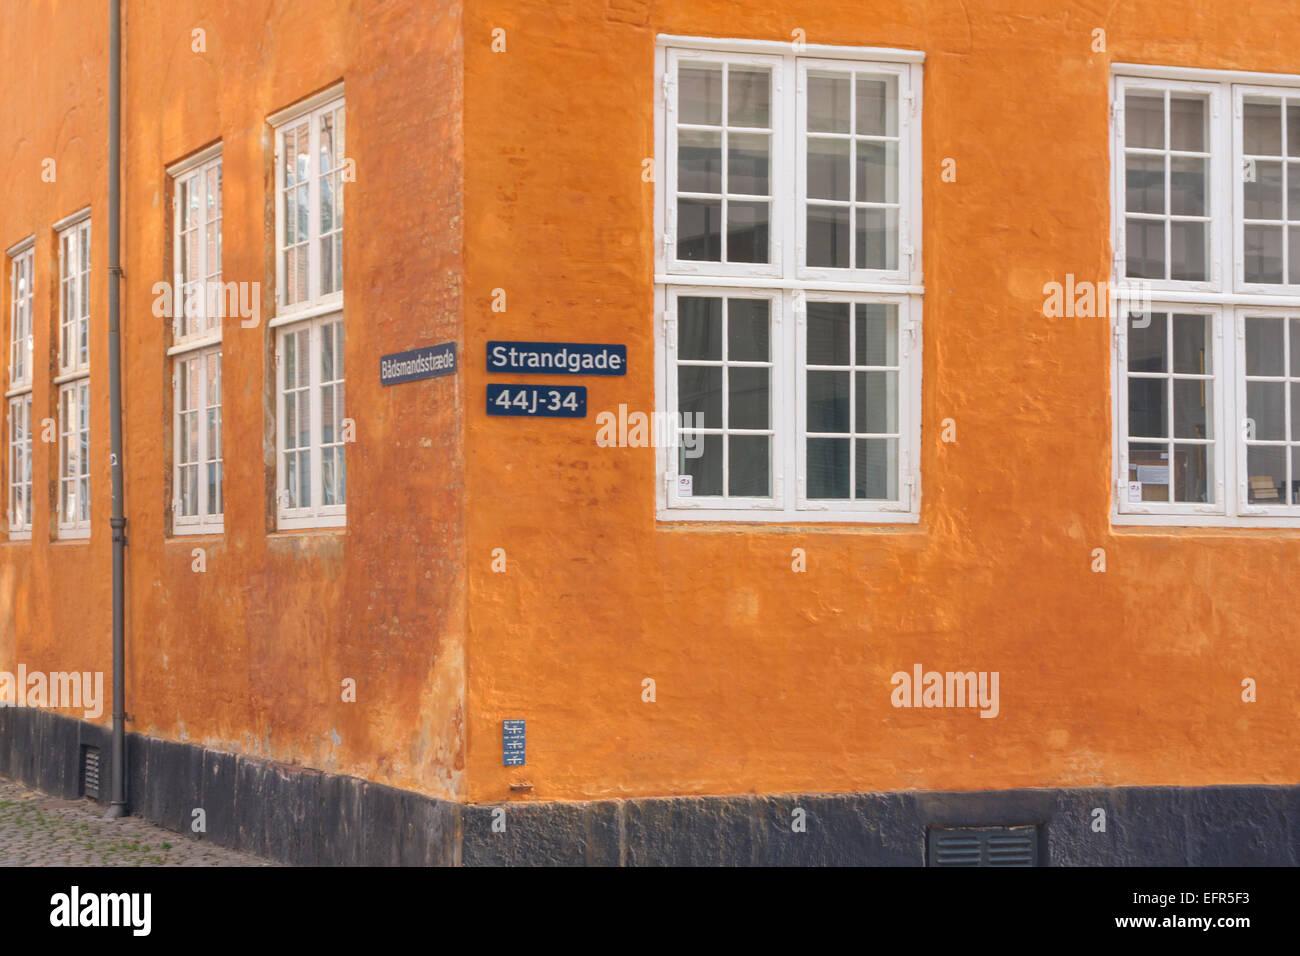 Old building on Strandgade. Christianshavn, Copenhagen, Denmark Stock Photo